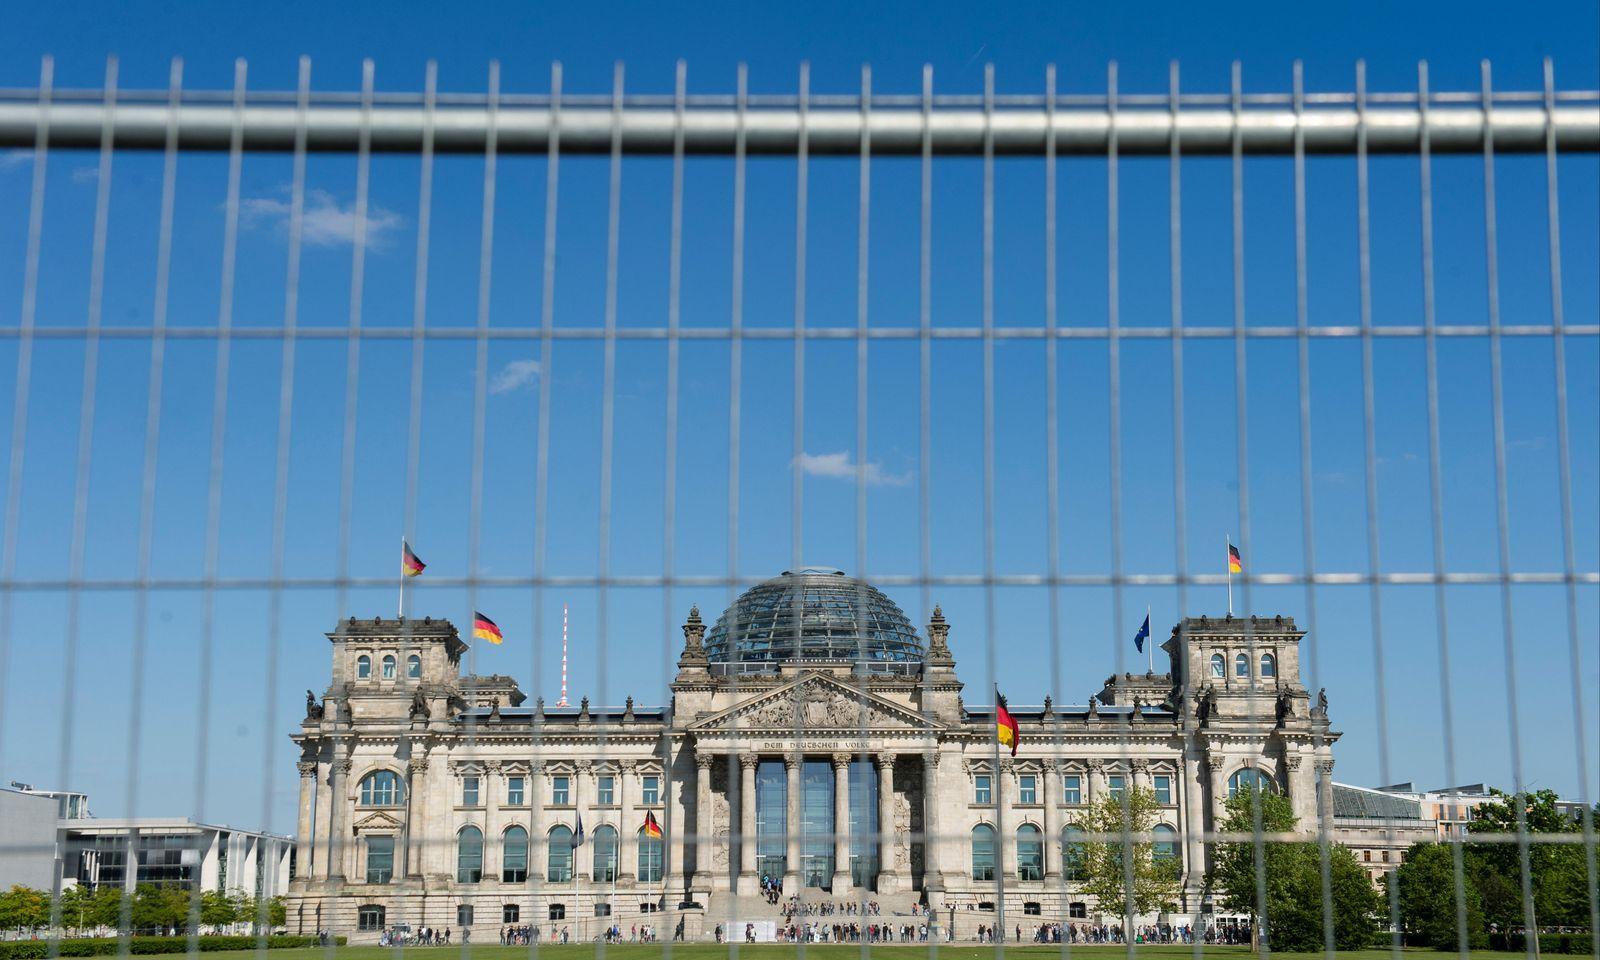 Reichstagsgebäude/ Berlin